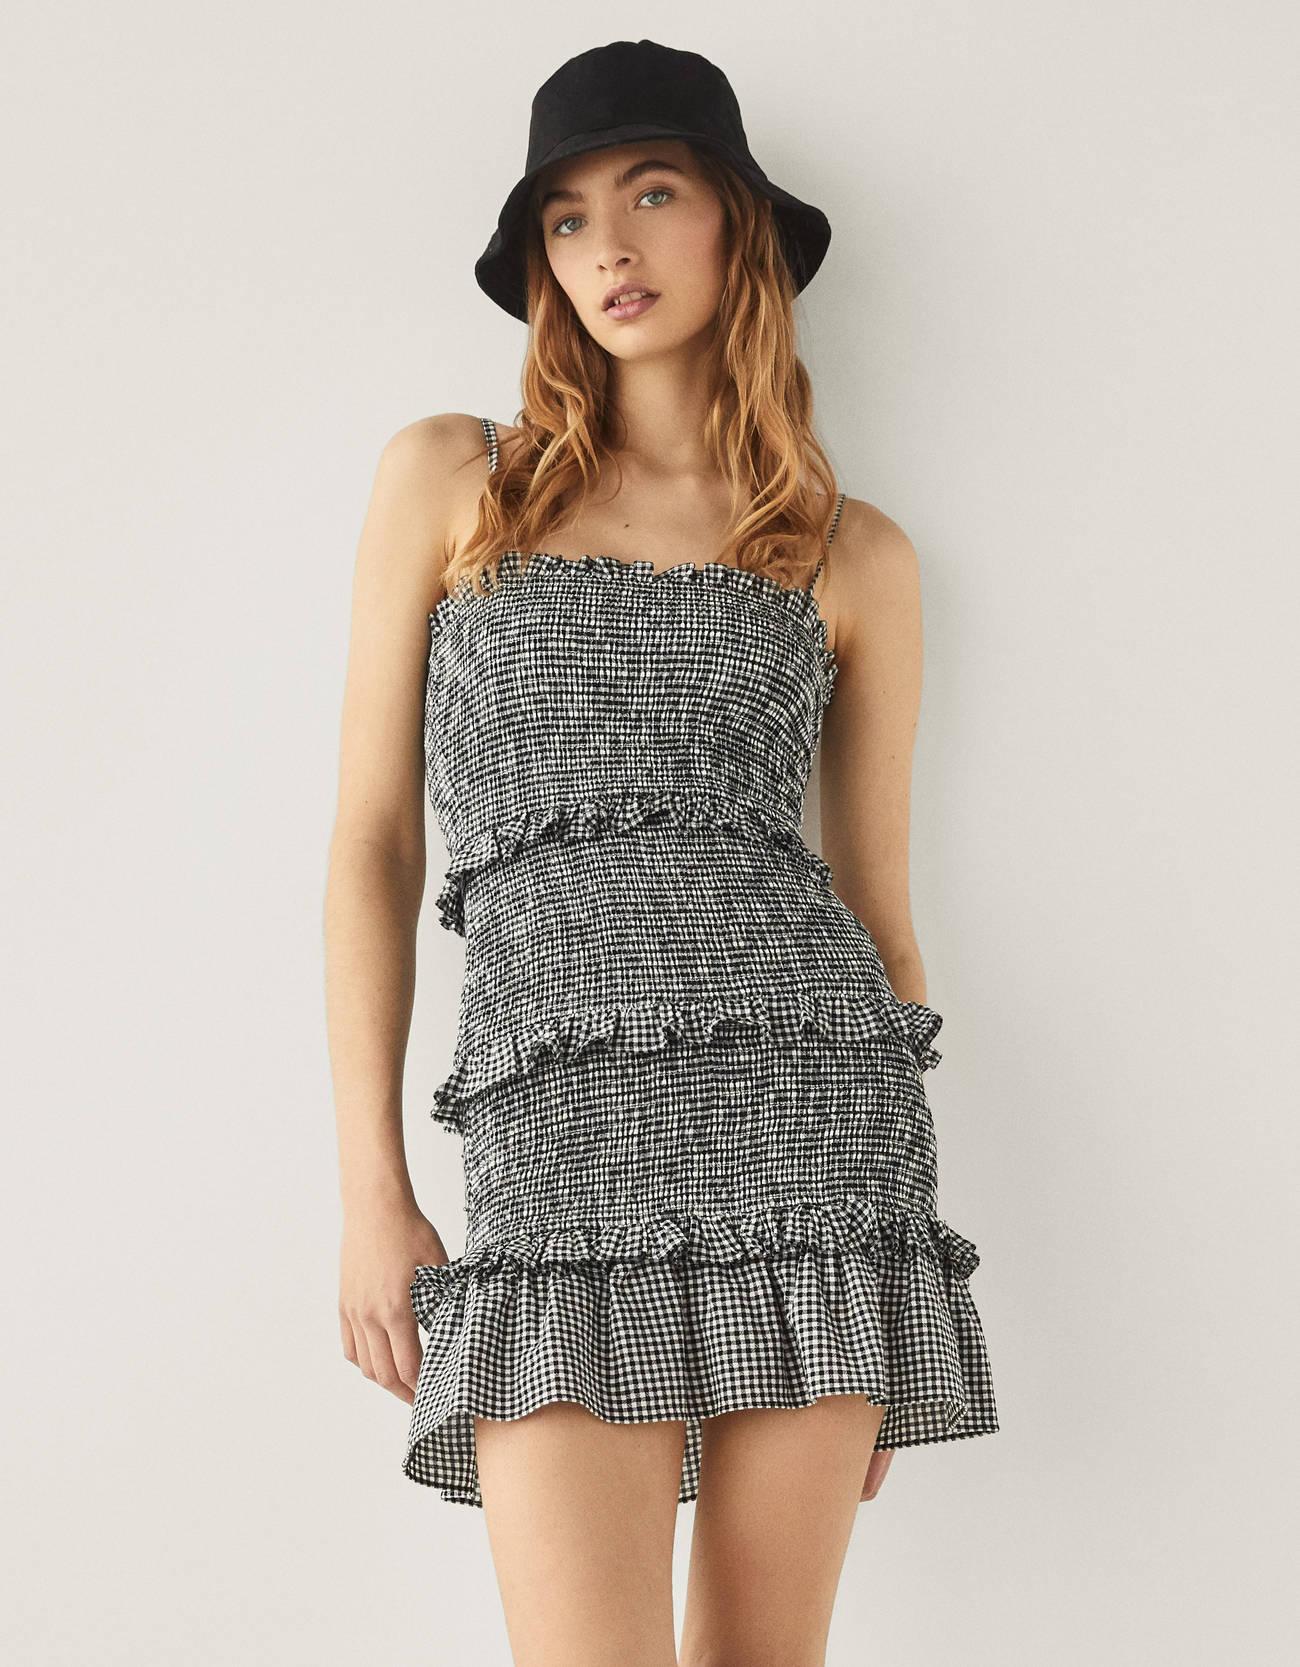 Vestido corto con volantes y cuadro vichy. Tirante fino, escote recto y fit ajustado por goma canilla.